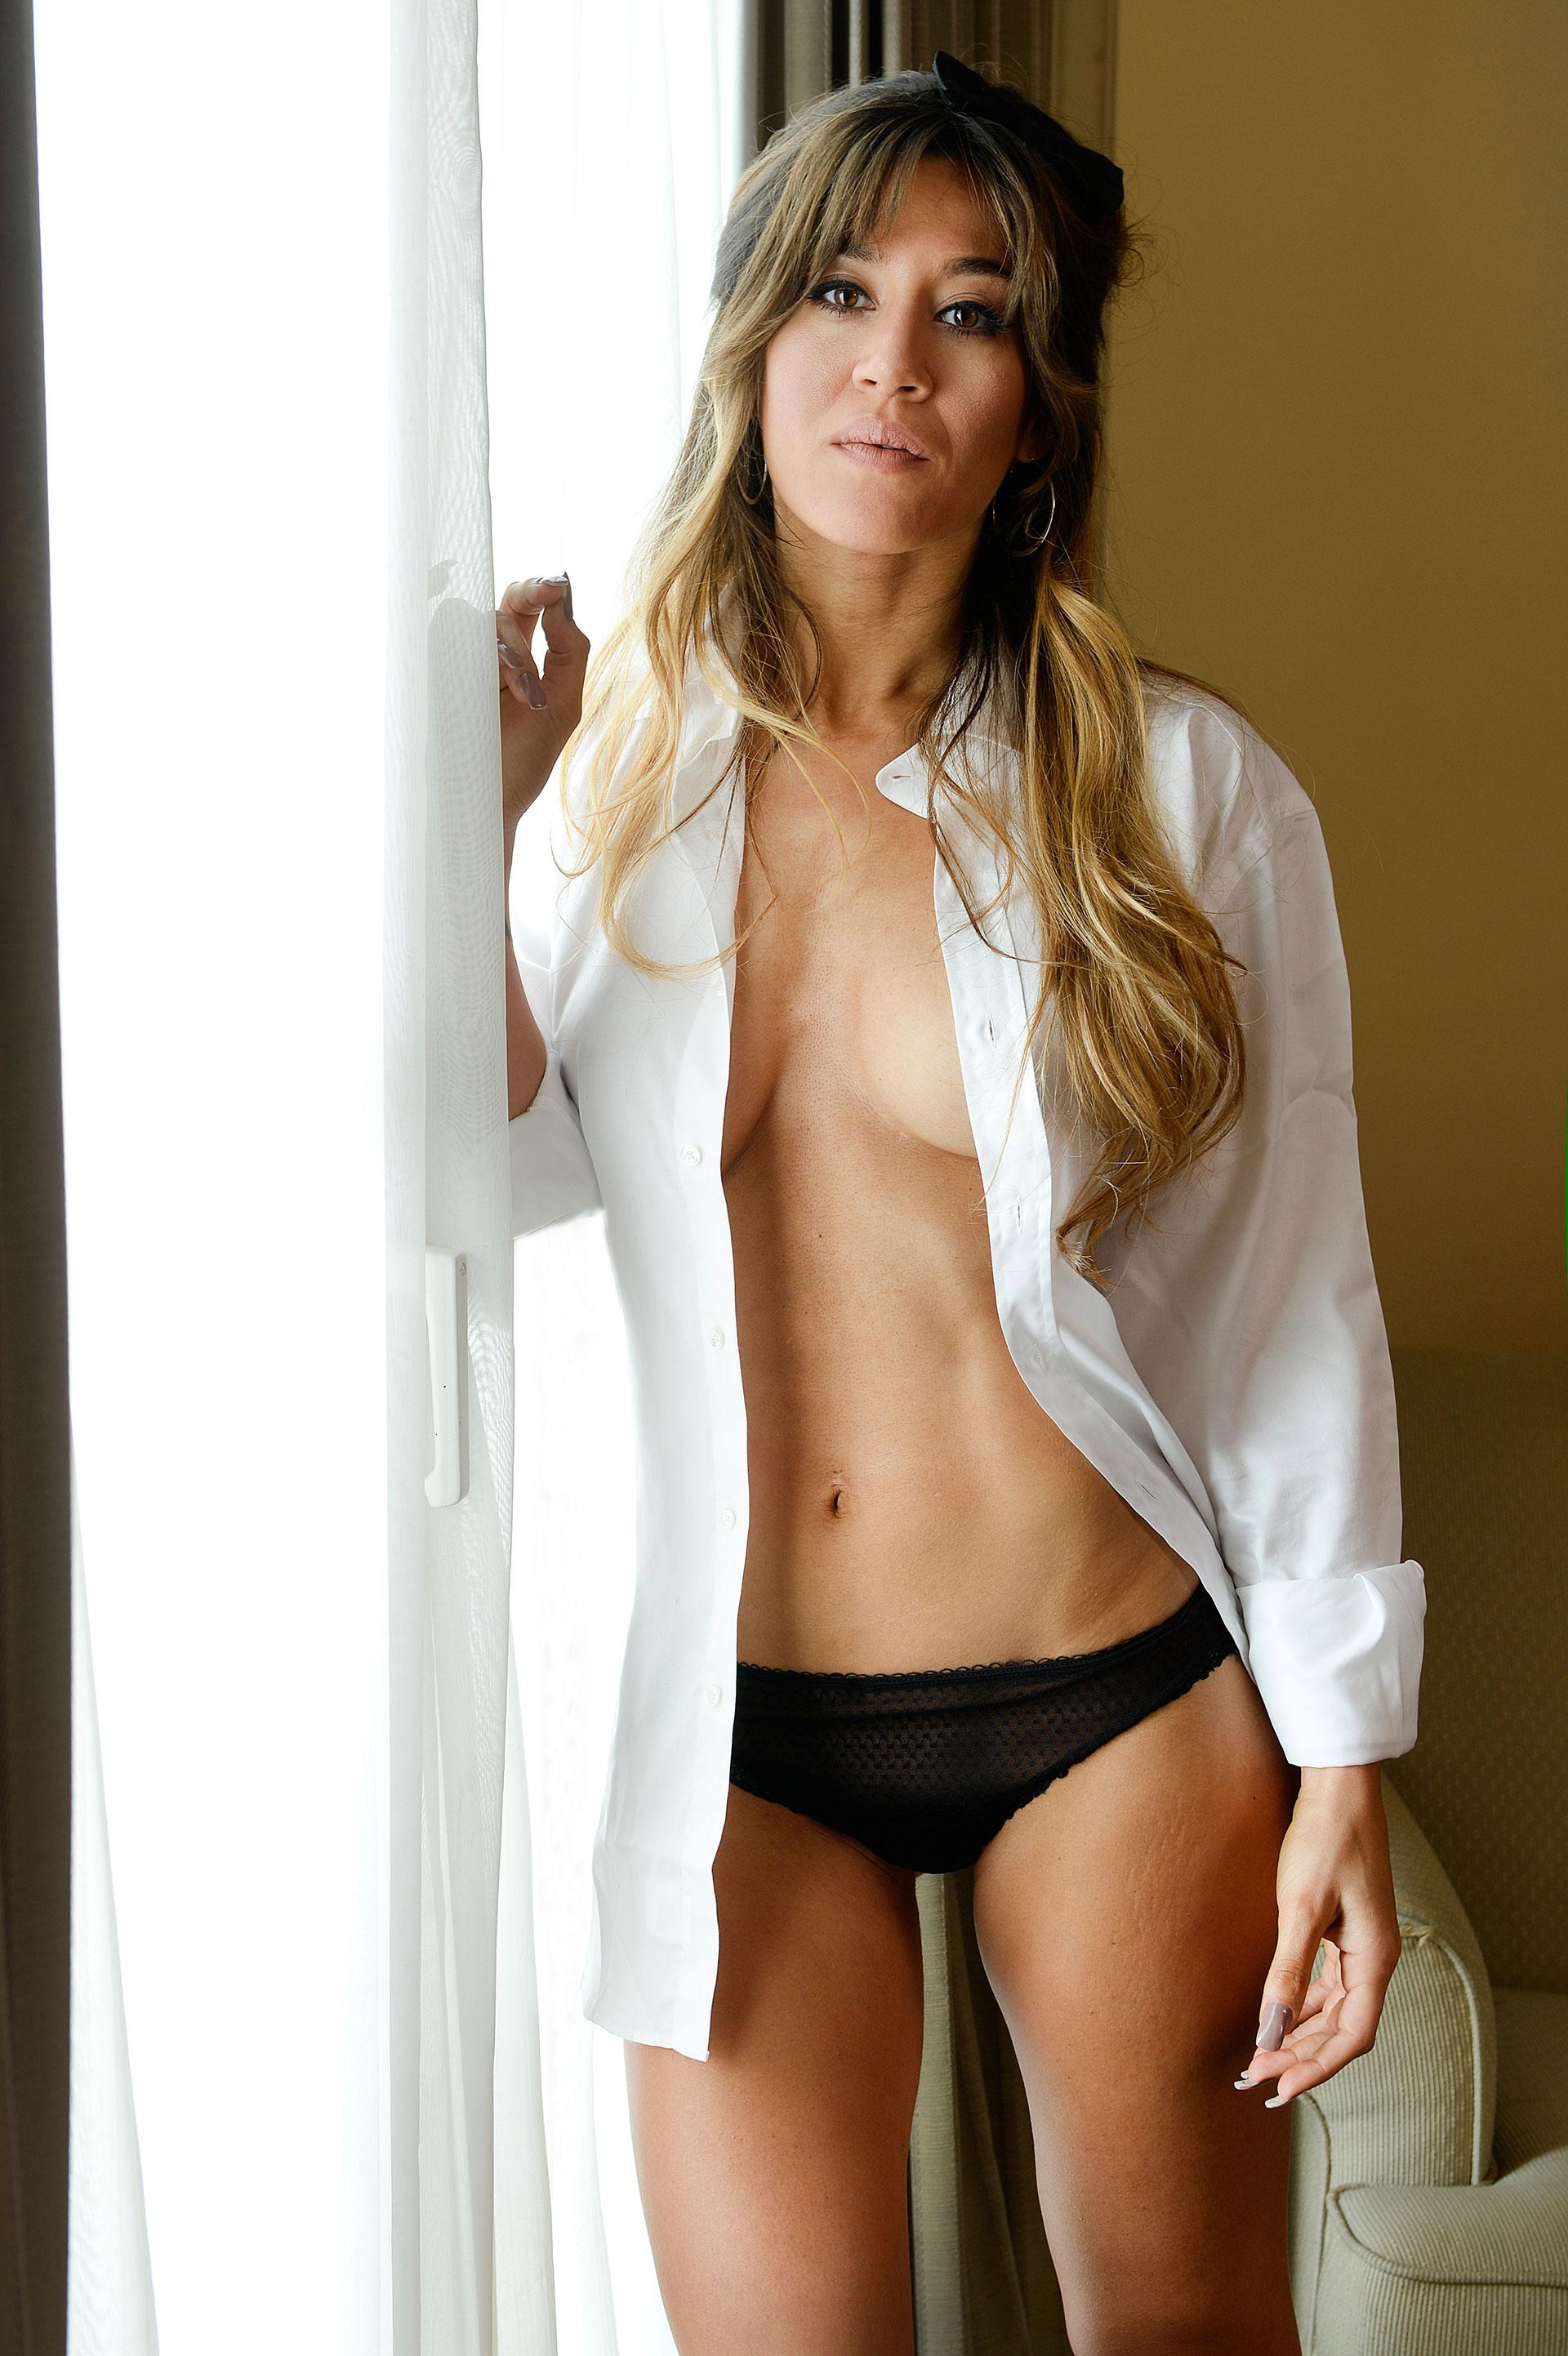 Flequillo y abdominales a lo Sarah Connor. Foto: Archivo Atlántida Televisa